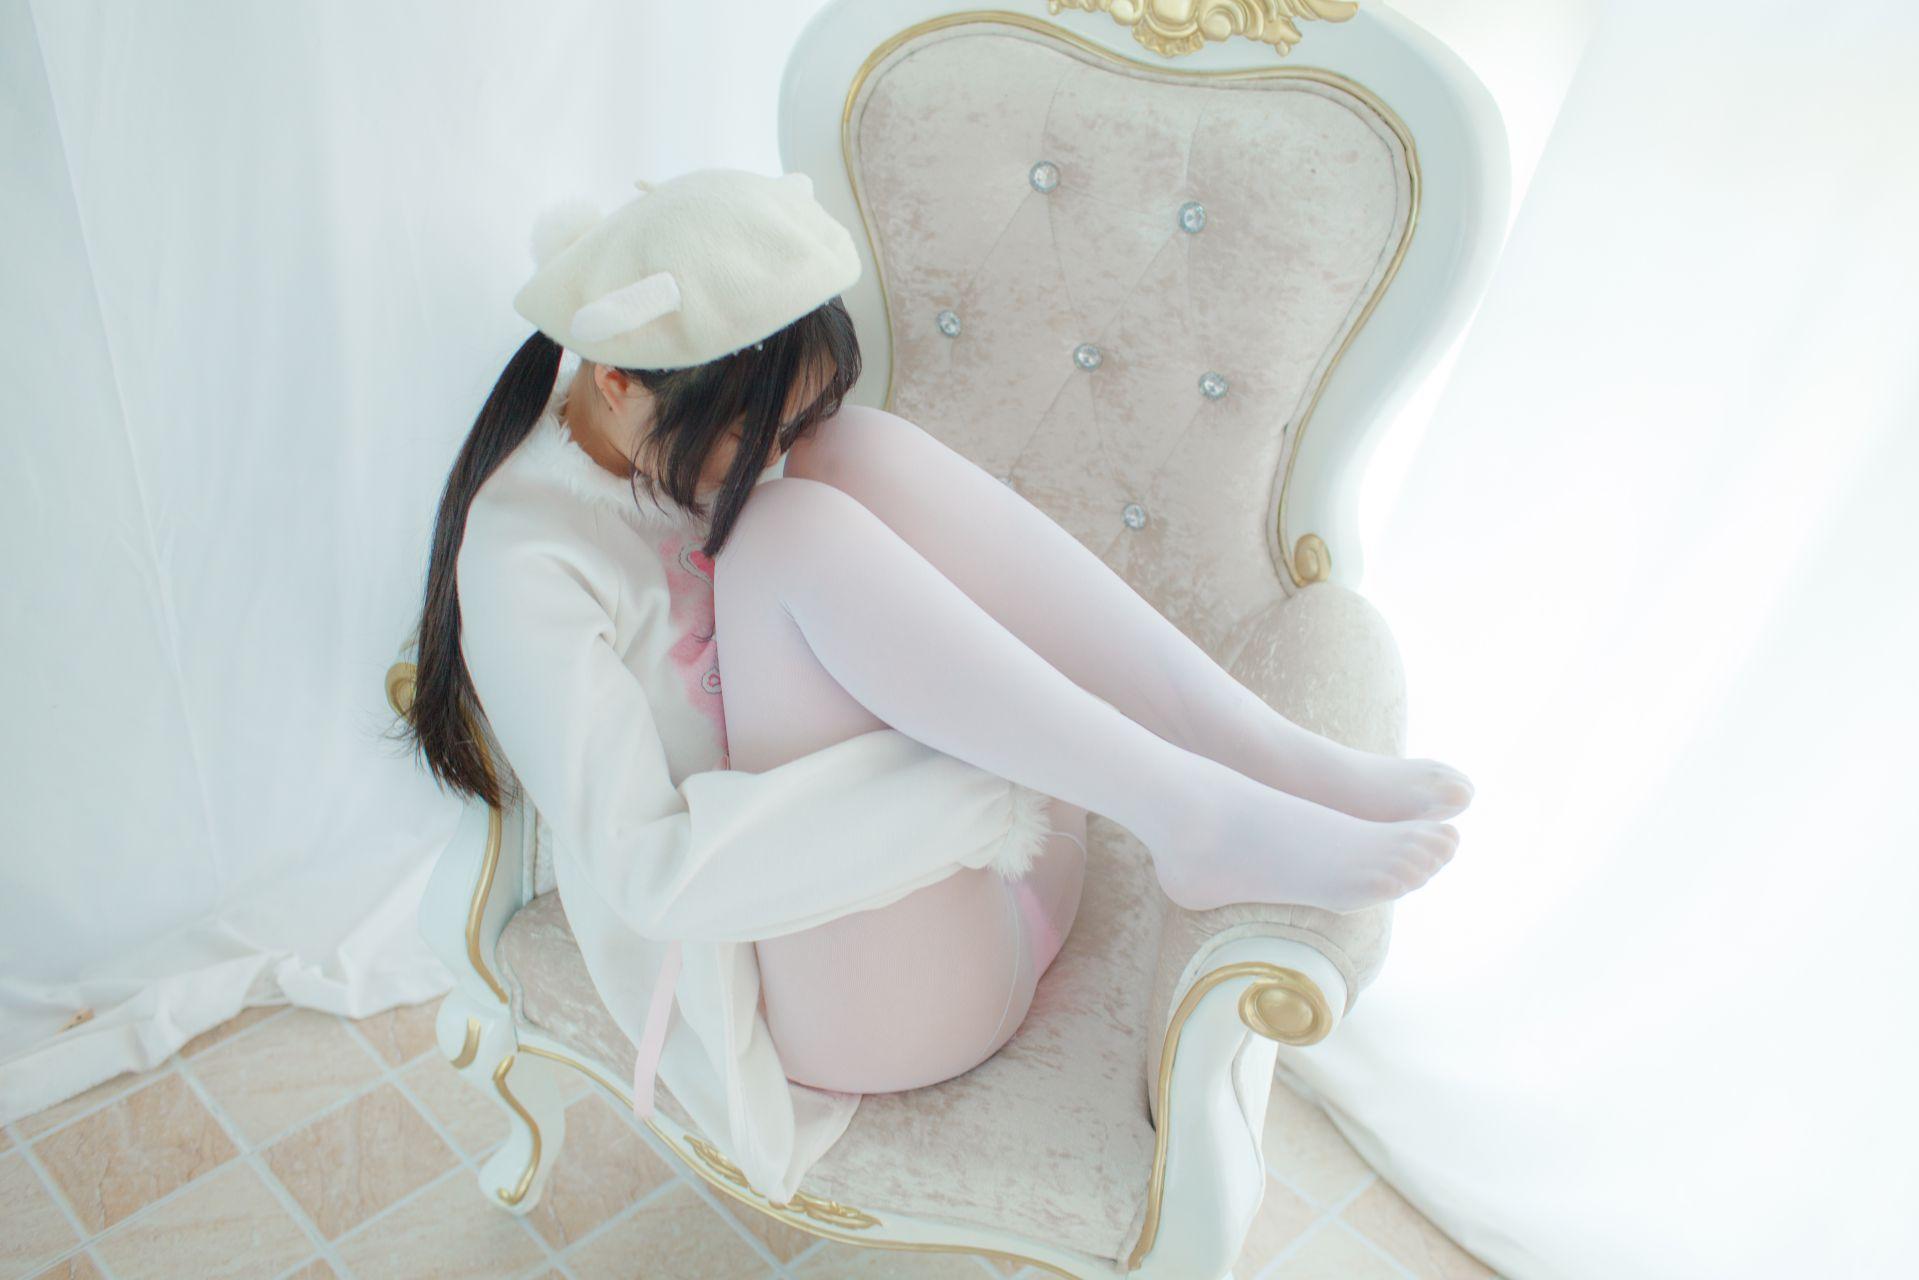 少女秩序 VOL.016 无法拒绝的白丝 兔玩映画 第49张